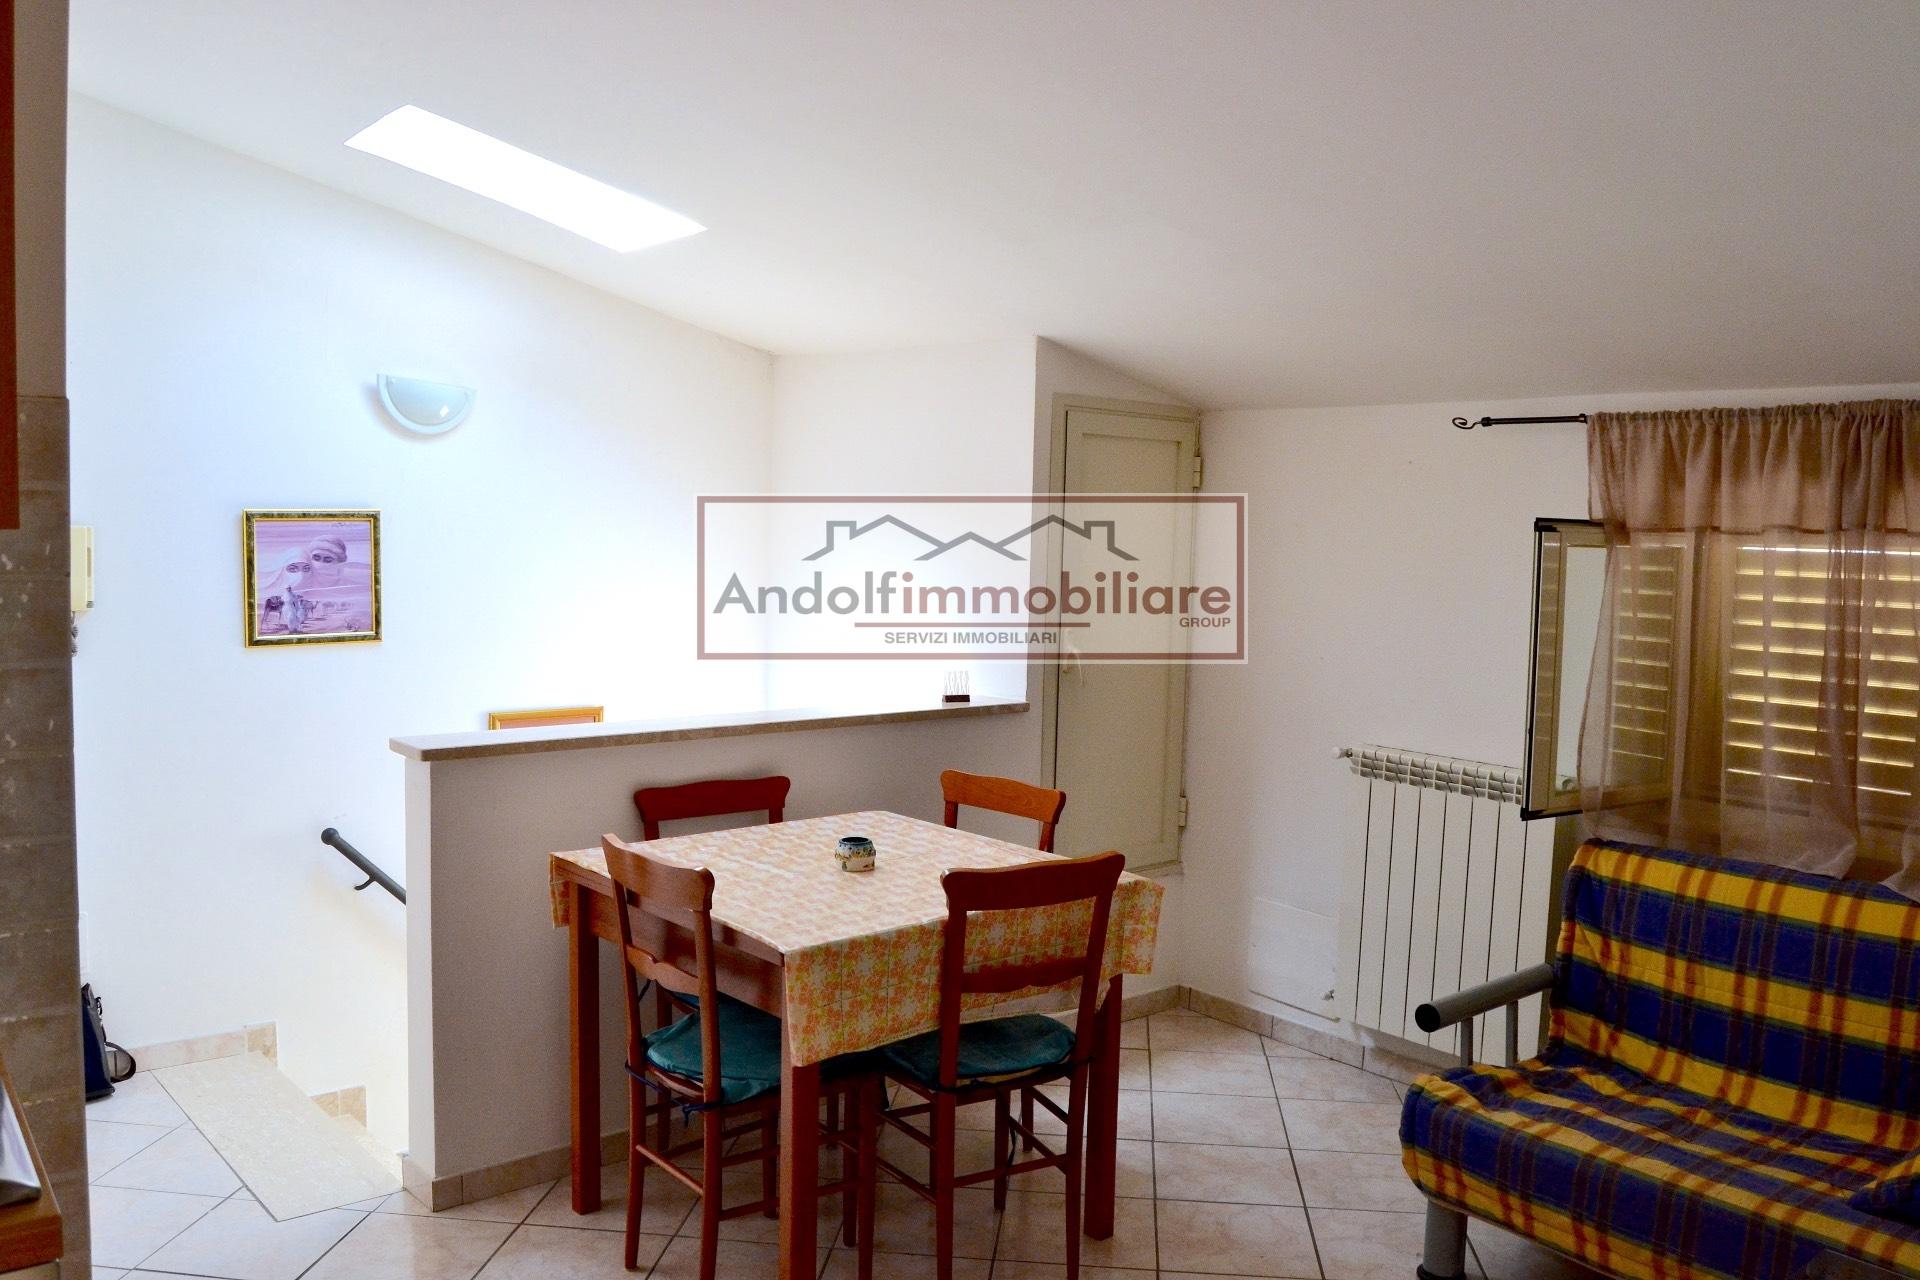 Attico / Mansarda in affitto a Itri, 3 locali, prezzo € 70.000 | CambioCasa.it